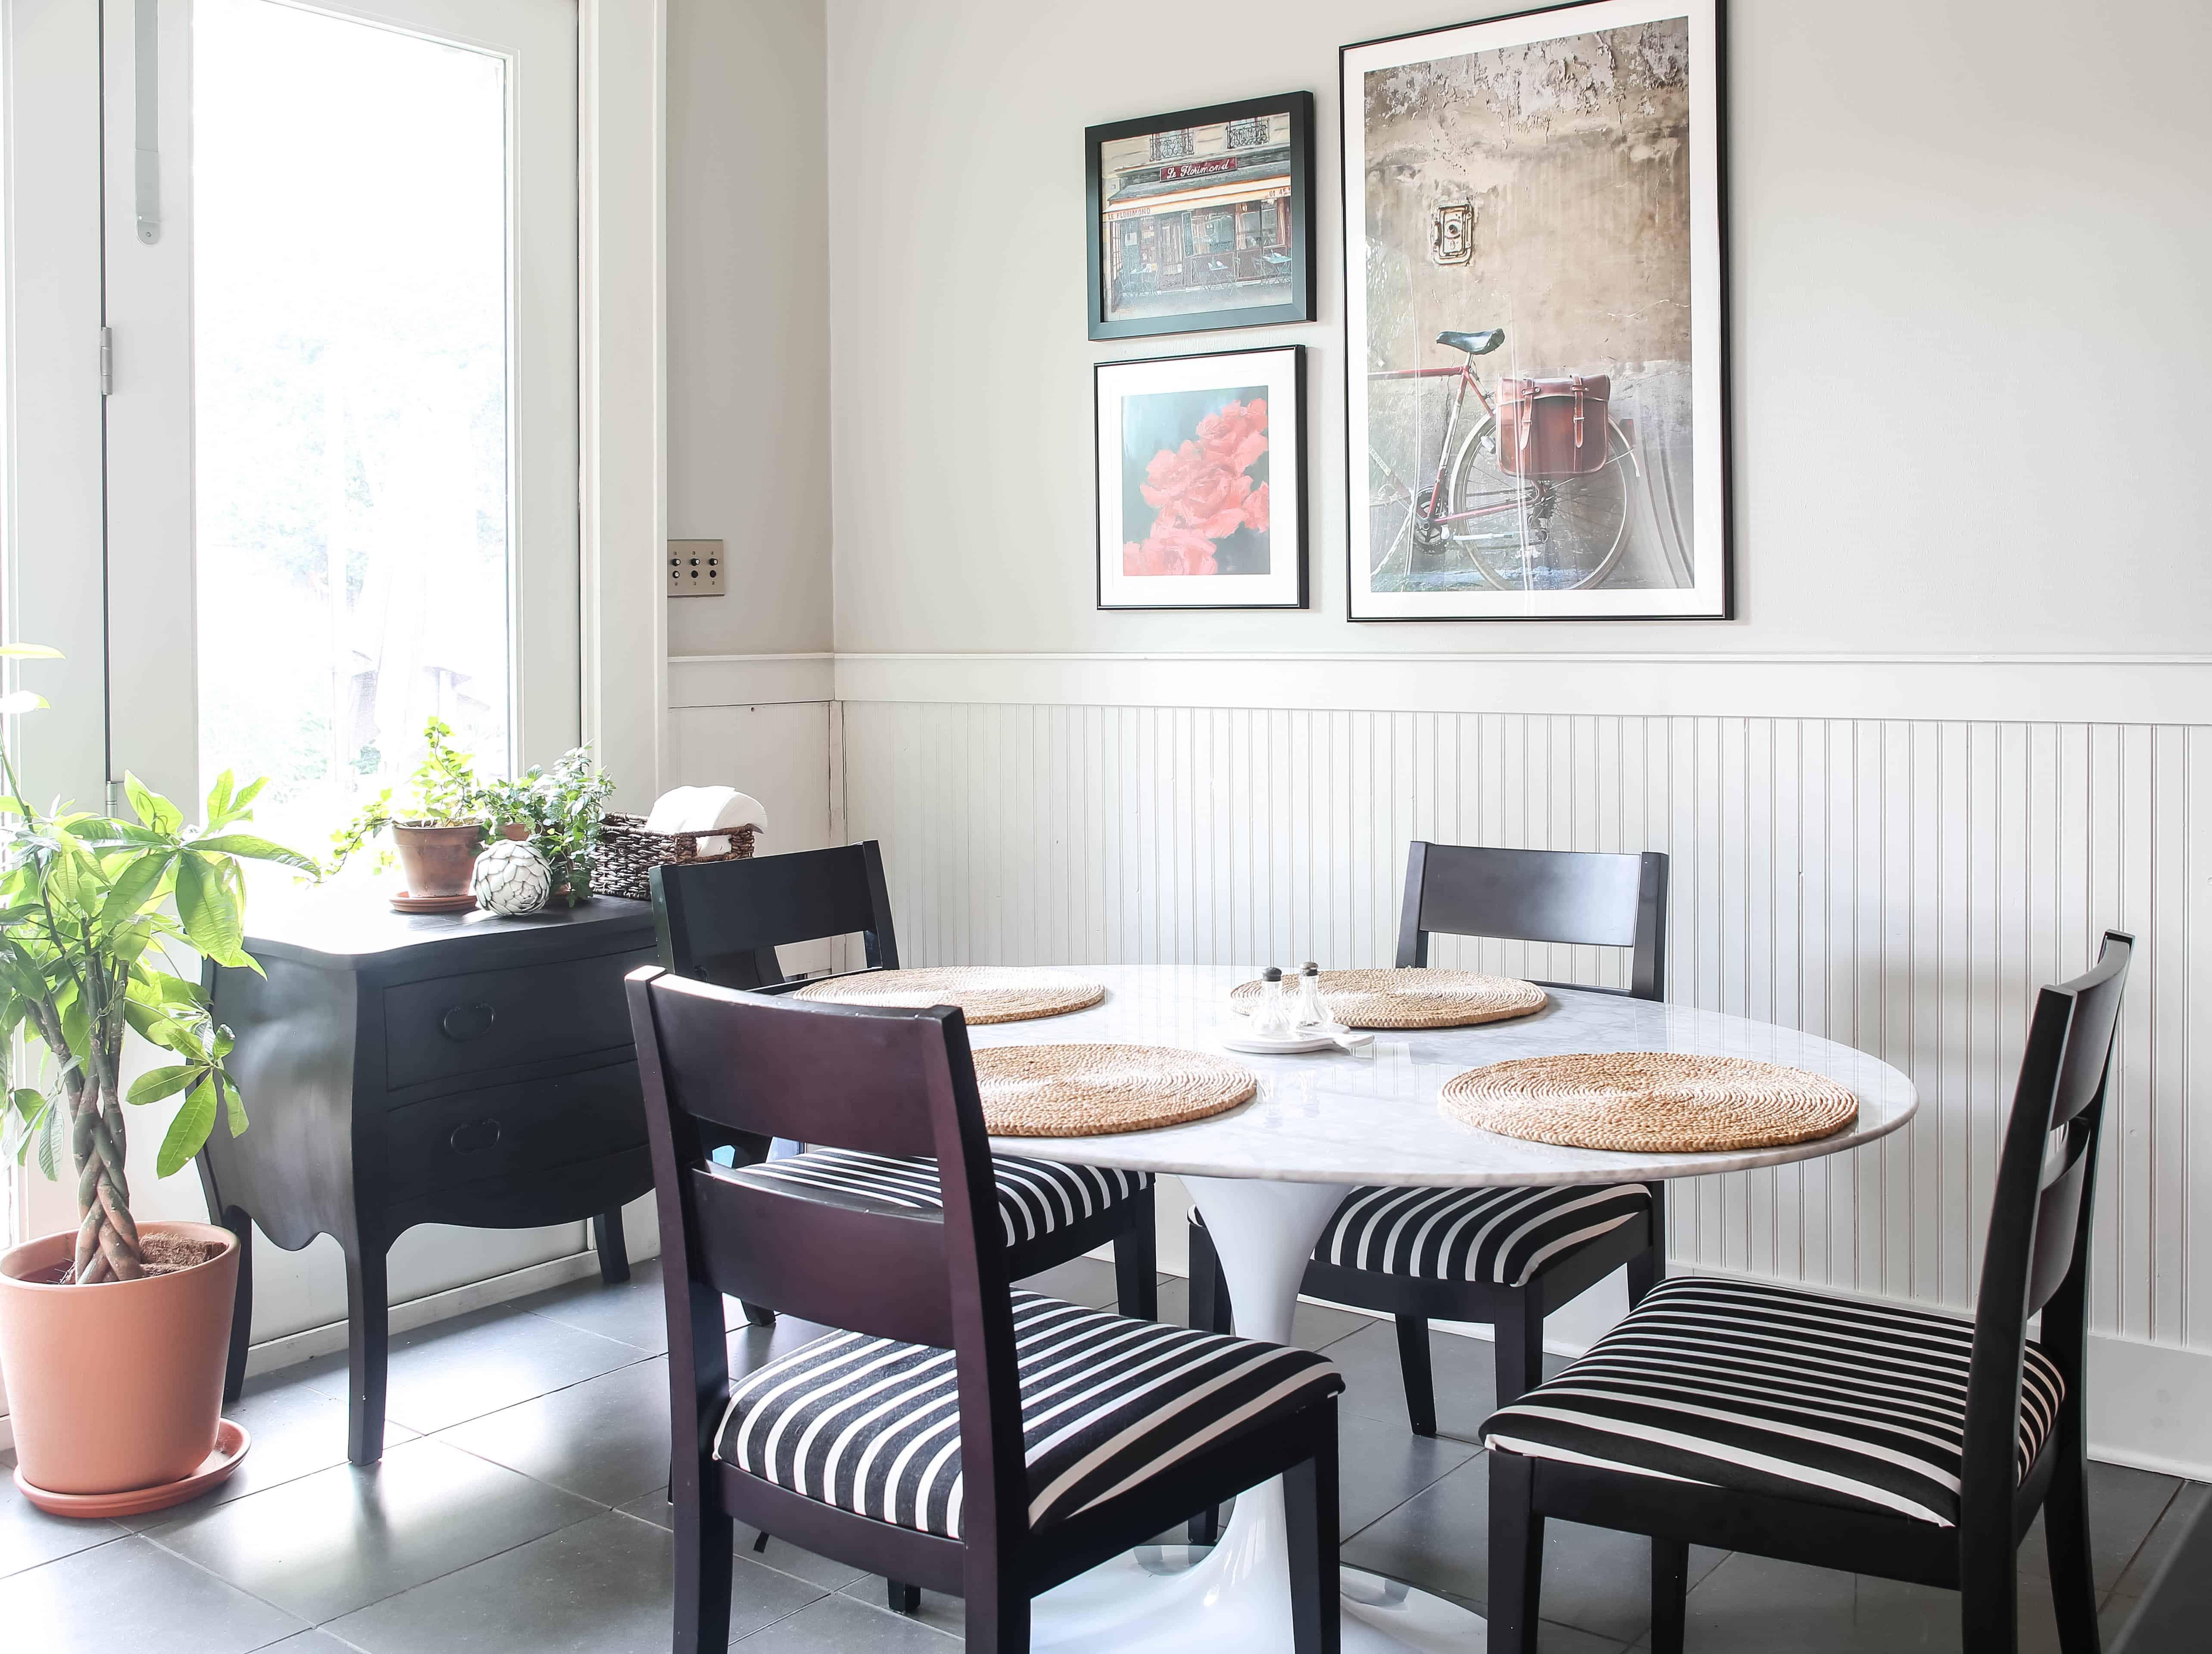 ktichen breakfast table